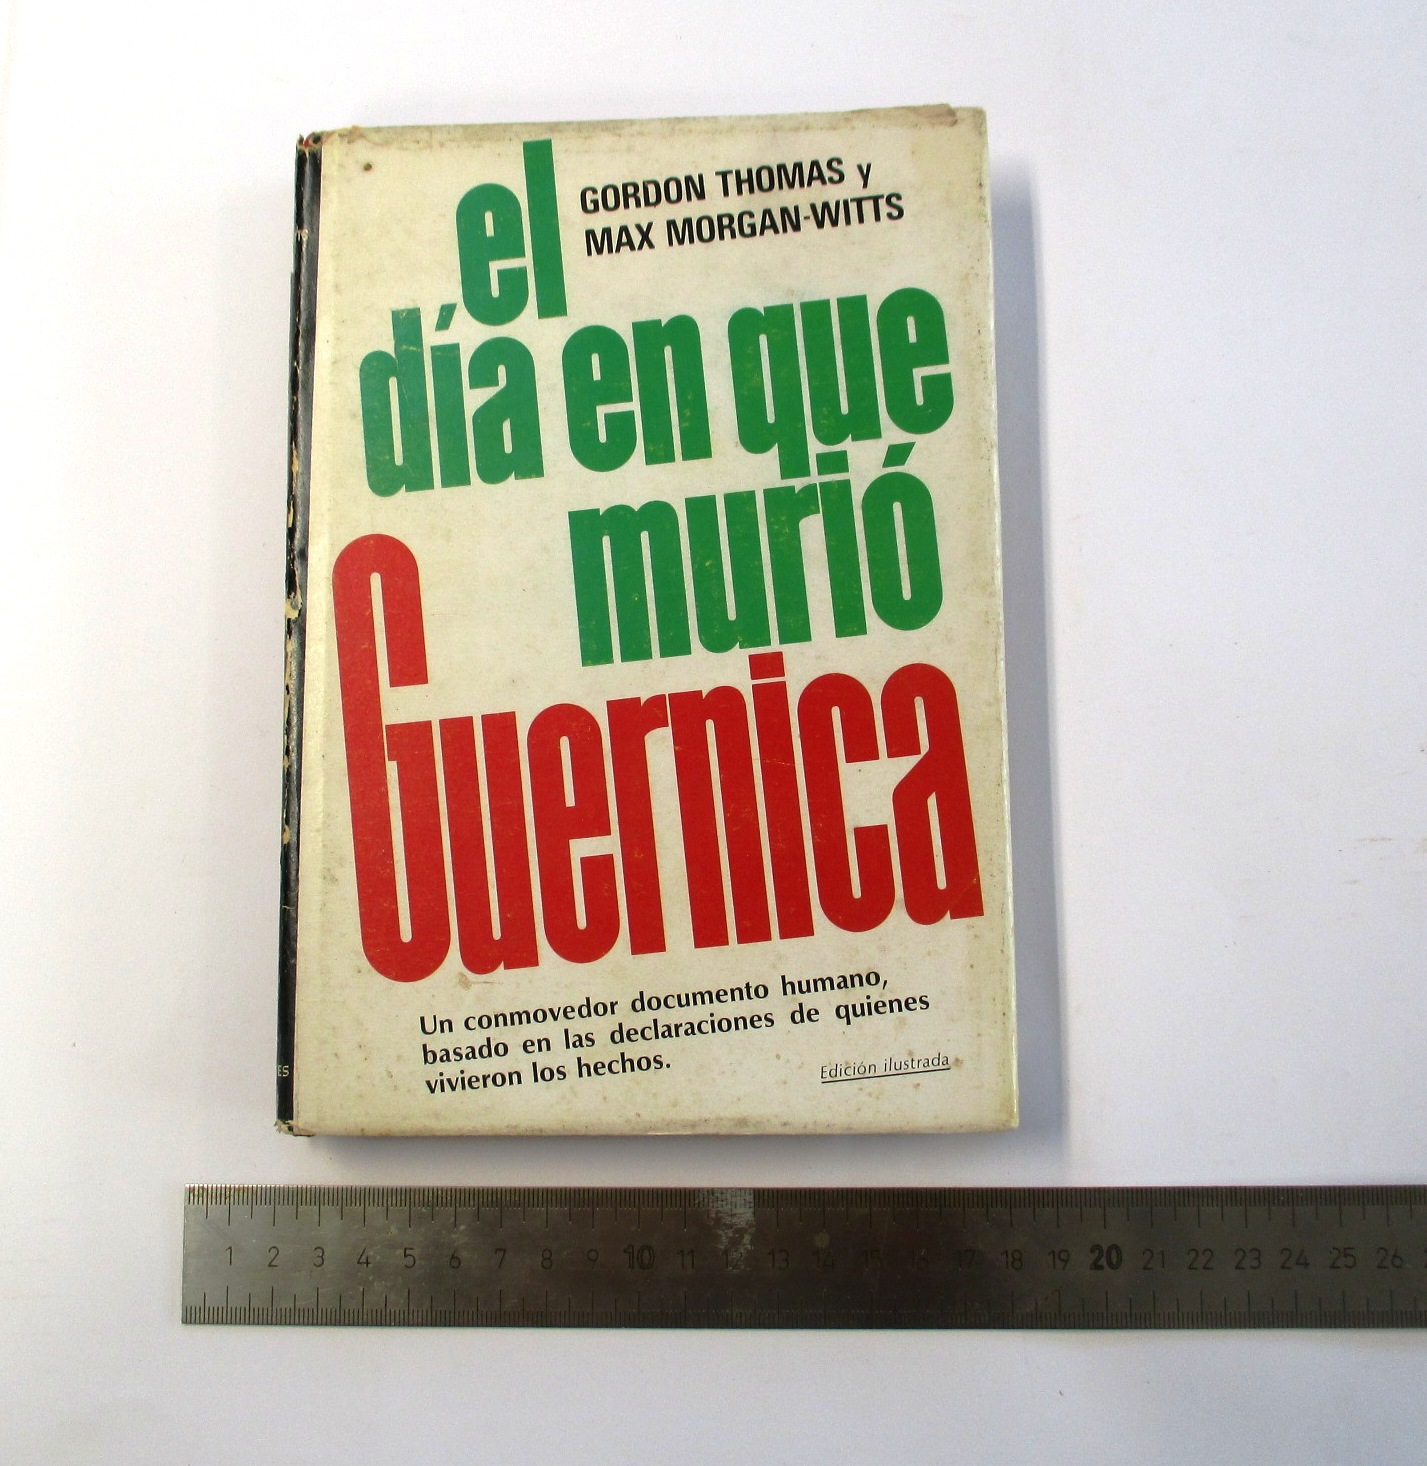 El día en que murió Guernica.